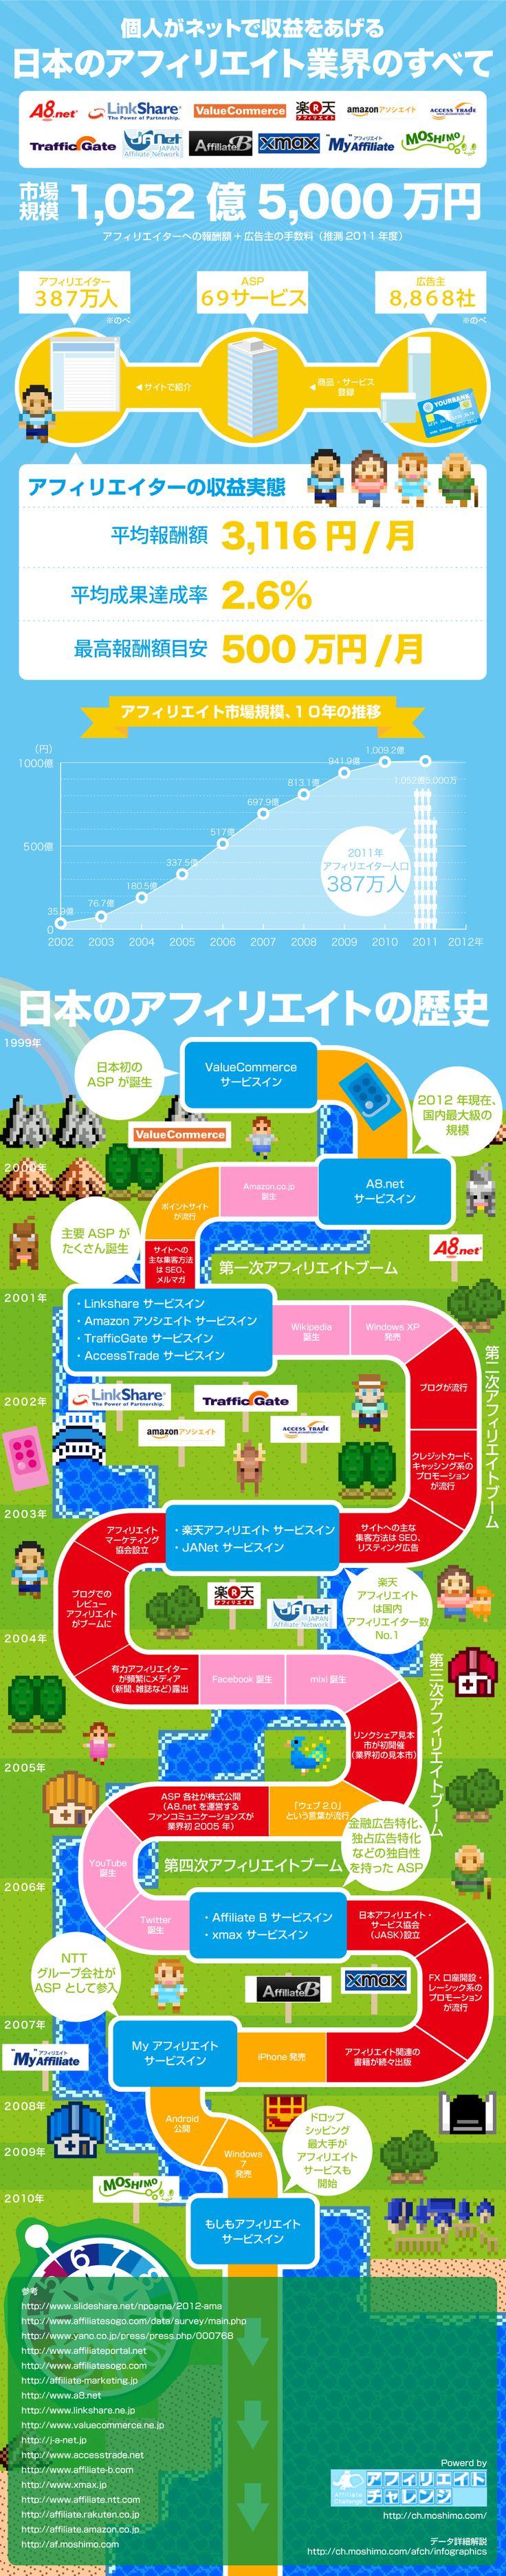 個人がネットで収益をあげる 日本のアフィリエイト業界のすべて